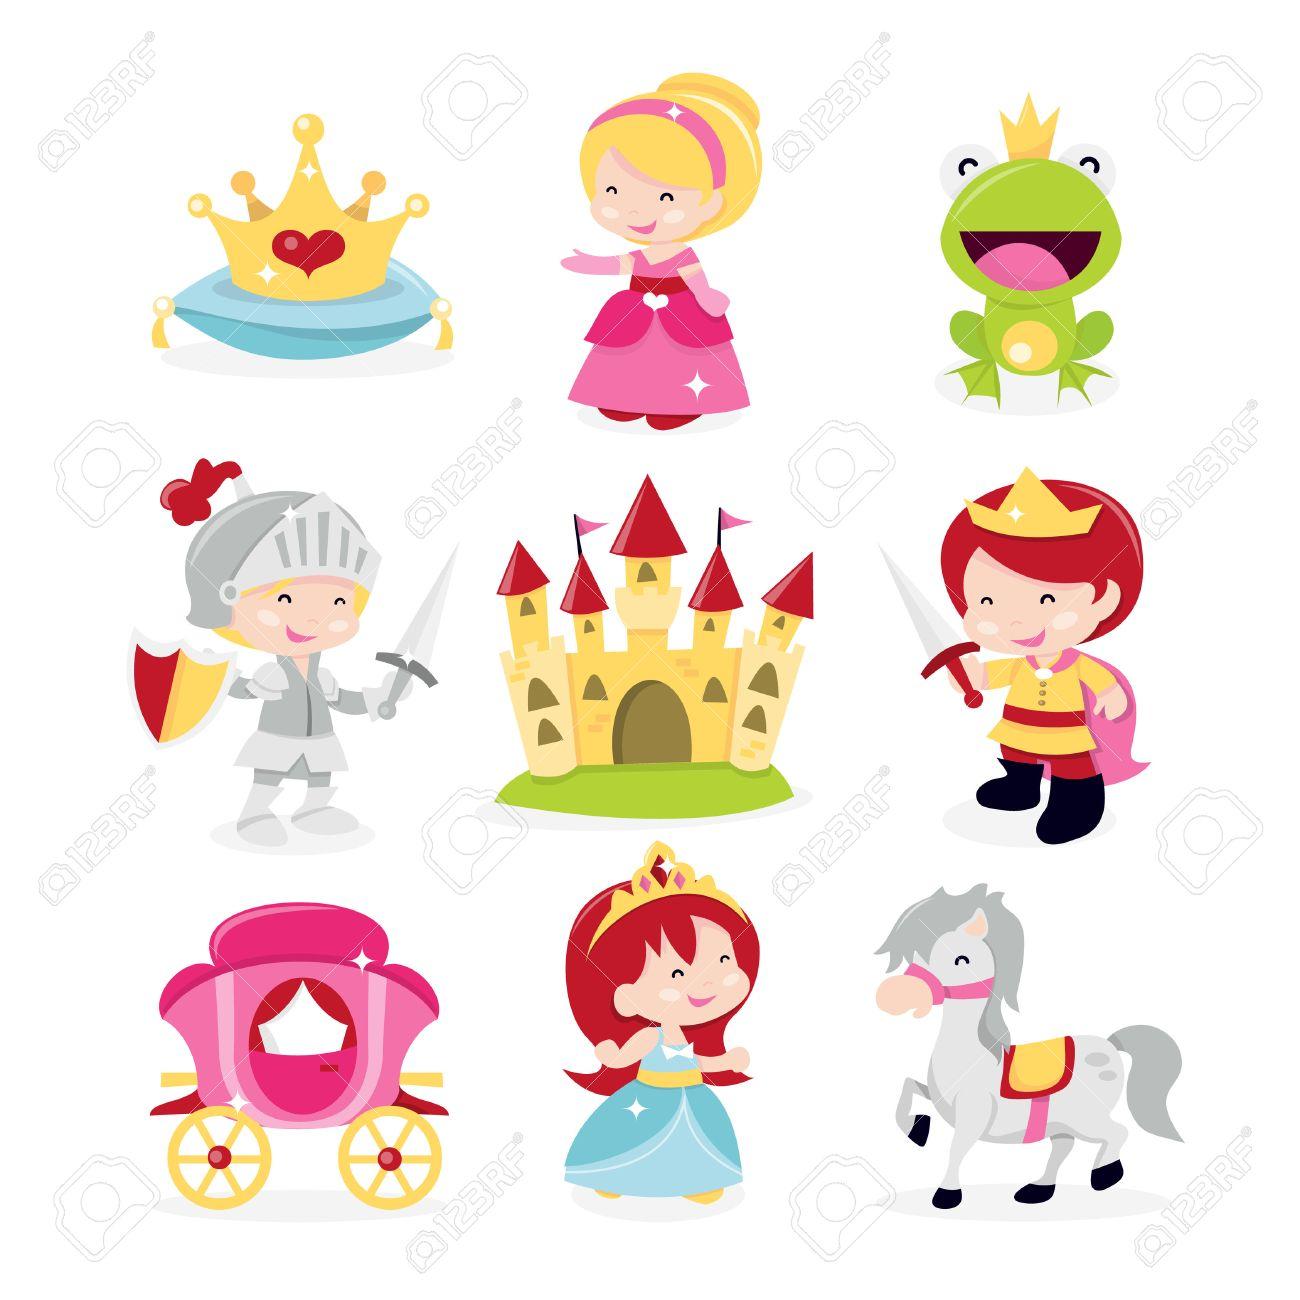 Una Ilustración Vectorial De Dibujos Animados De Princesas Lindas Y Divertidas Príncipe Y Caballero Conjunto De Iconos De Tema Incluido En Este